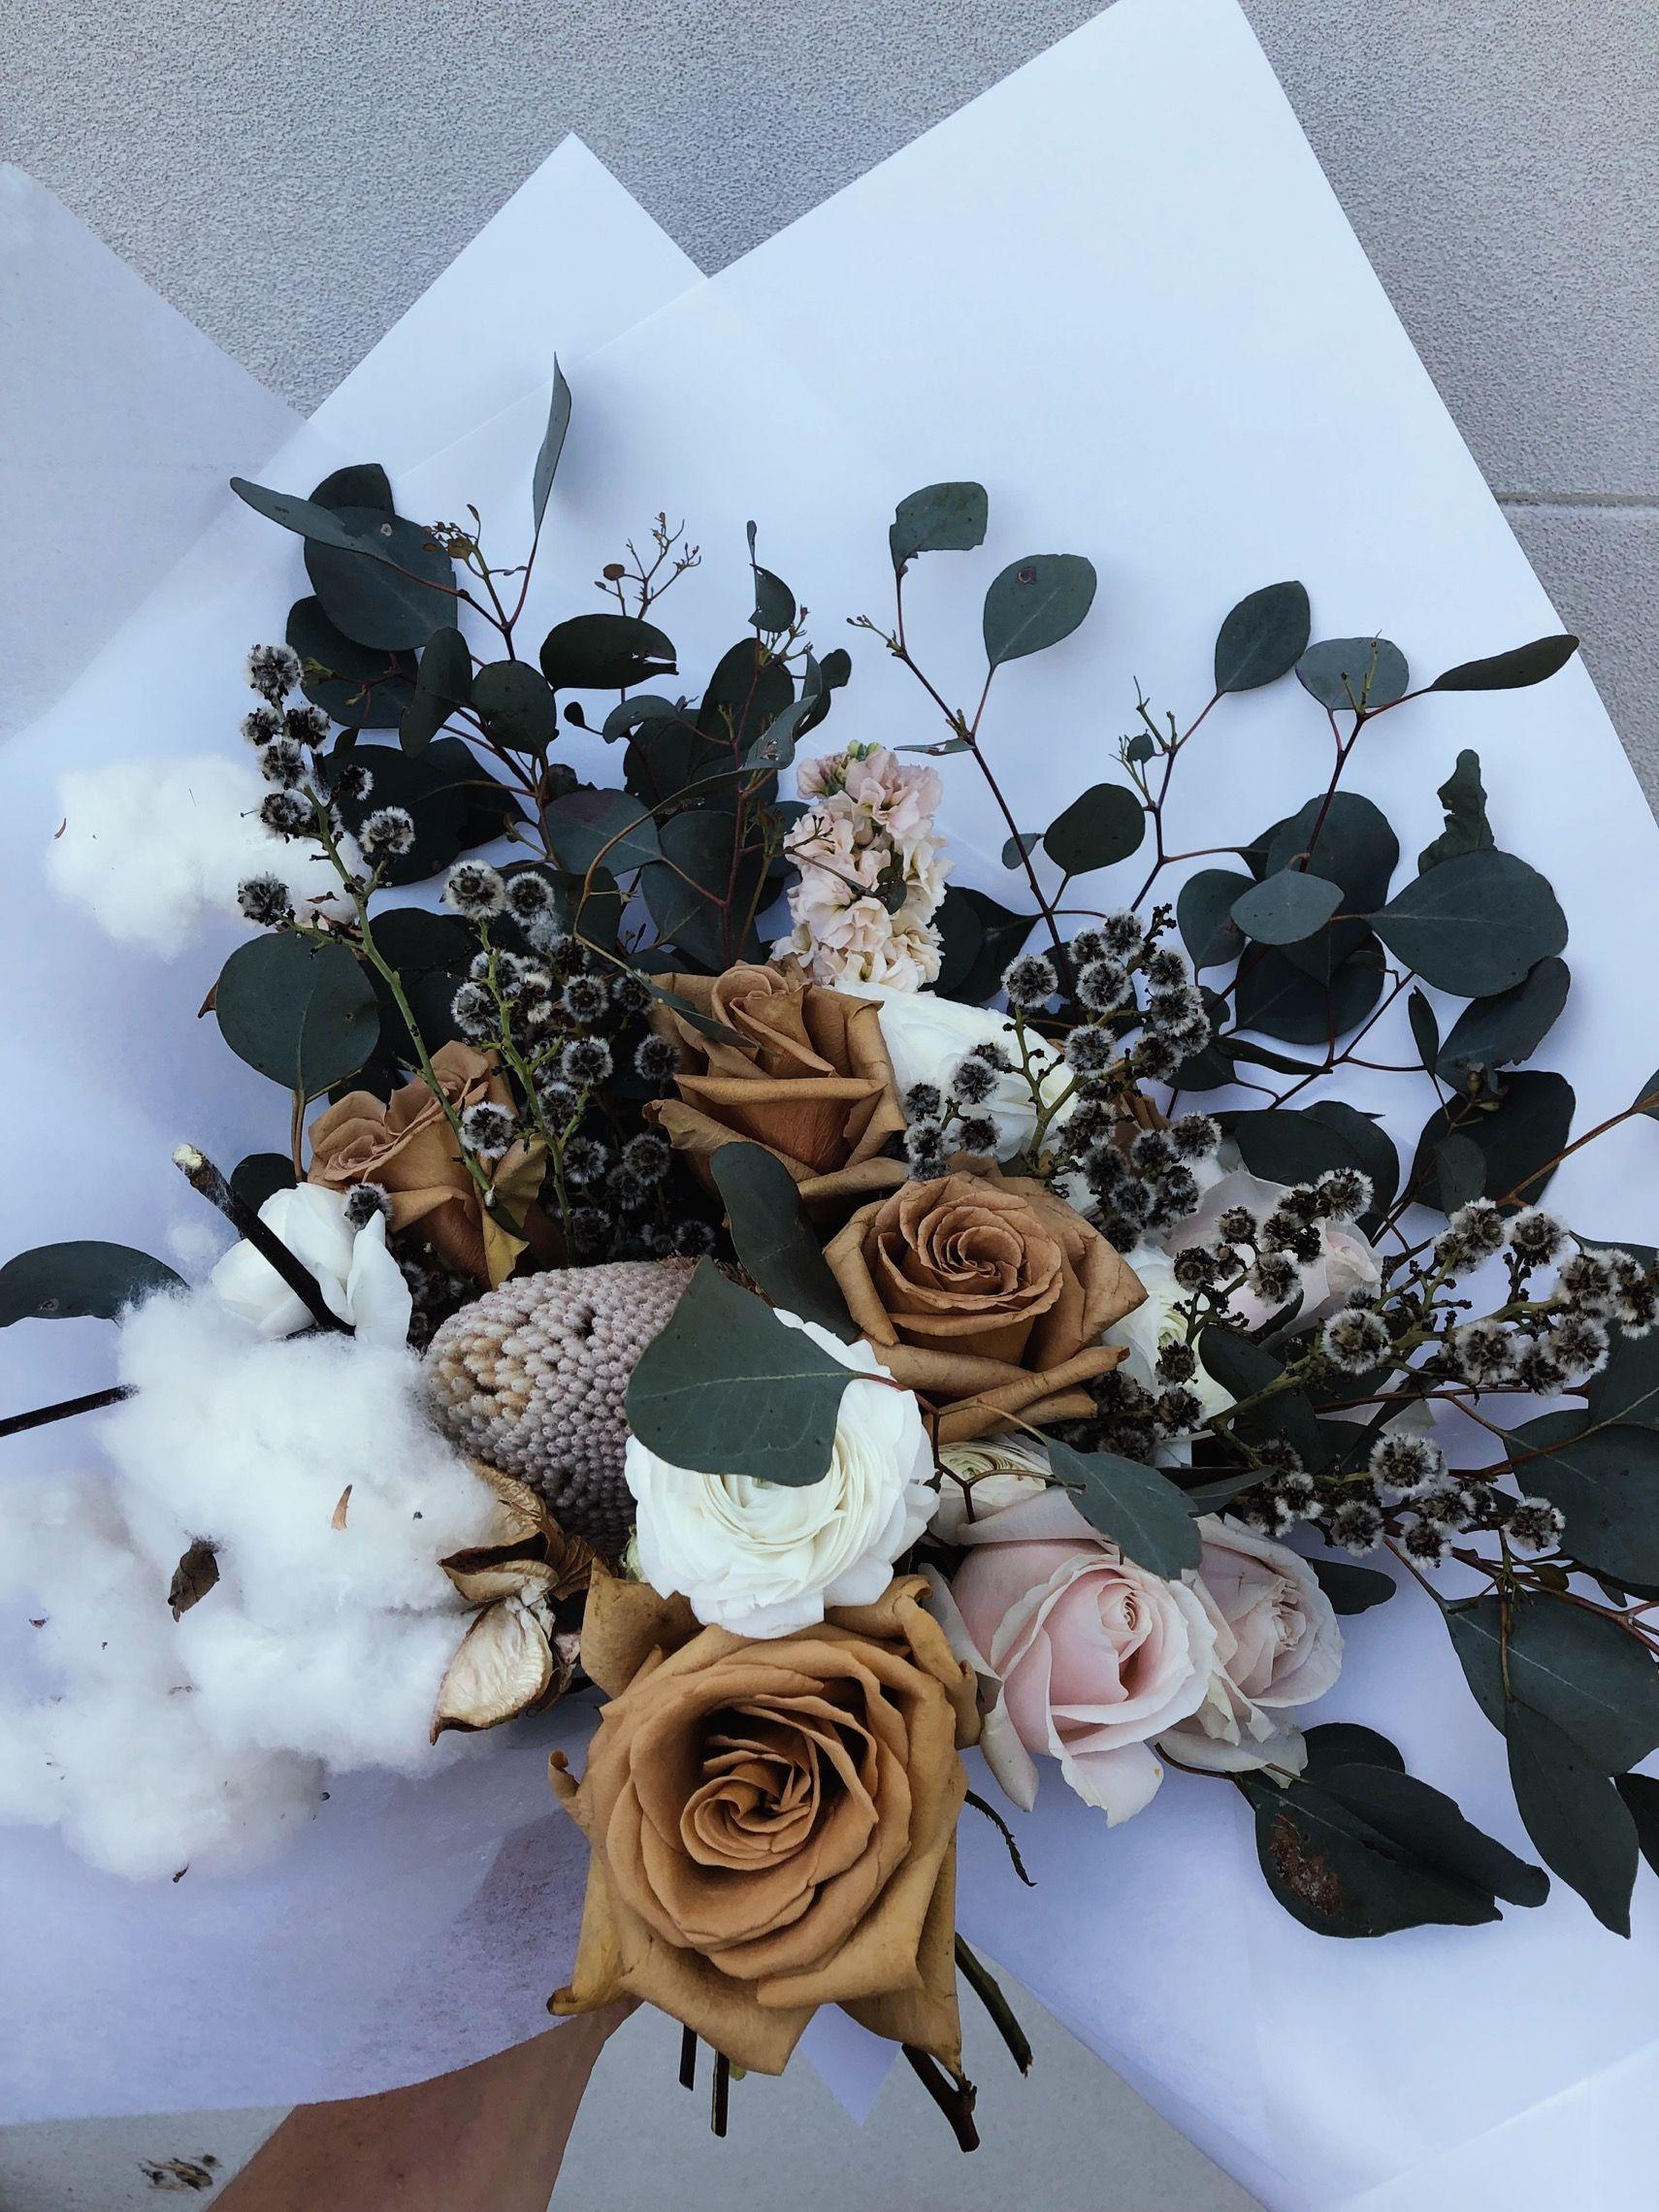 Bouquet Deliveries Bouquet delivery, Cotton clouds, Bloom